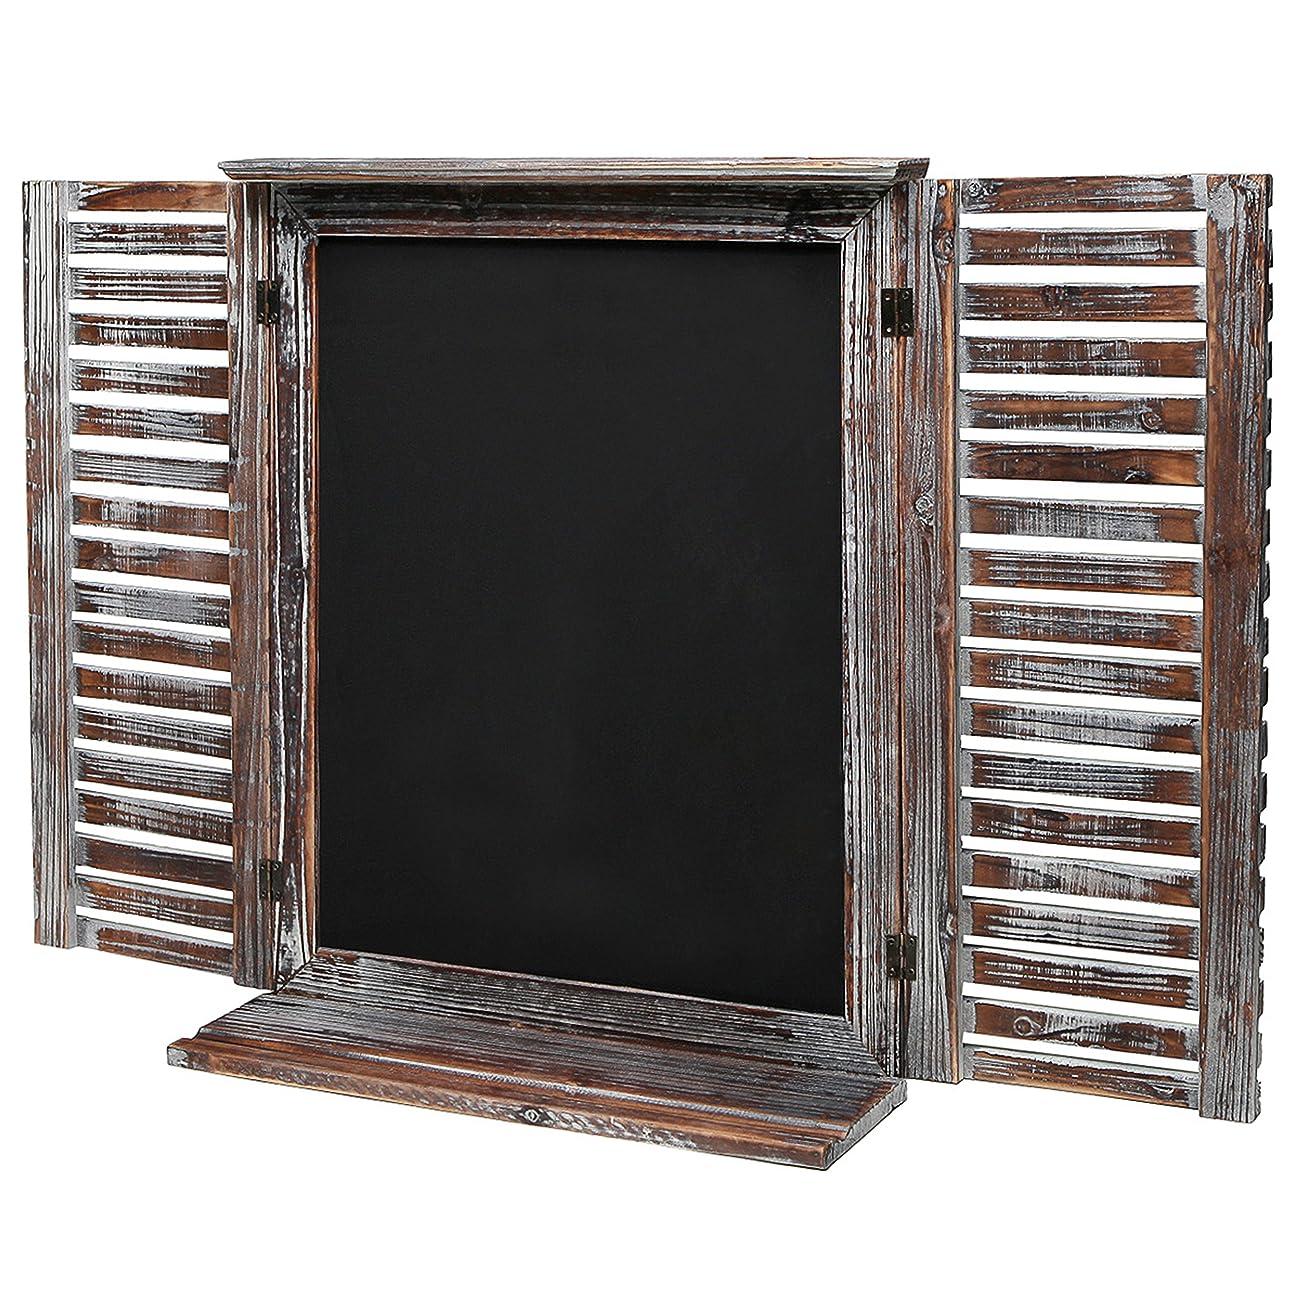 Rustic Vintage Wood Standing Chalkboard / Wall Mounted Blackboard w/ Folding Shutter Doors - MyGift® 1